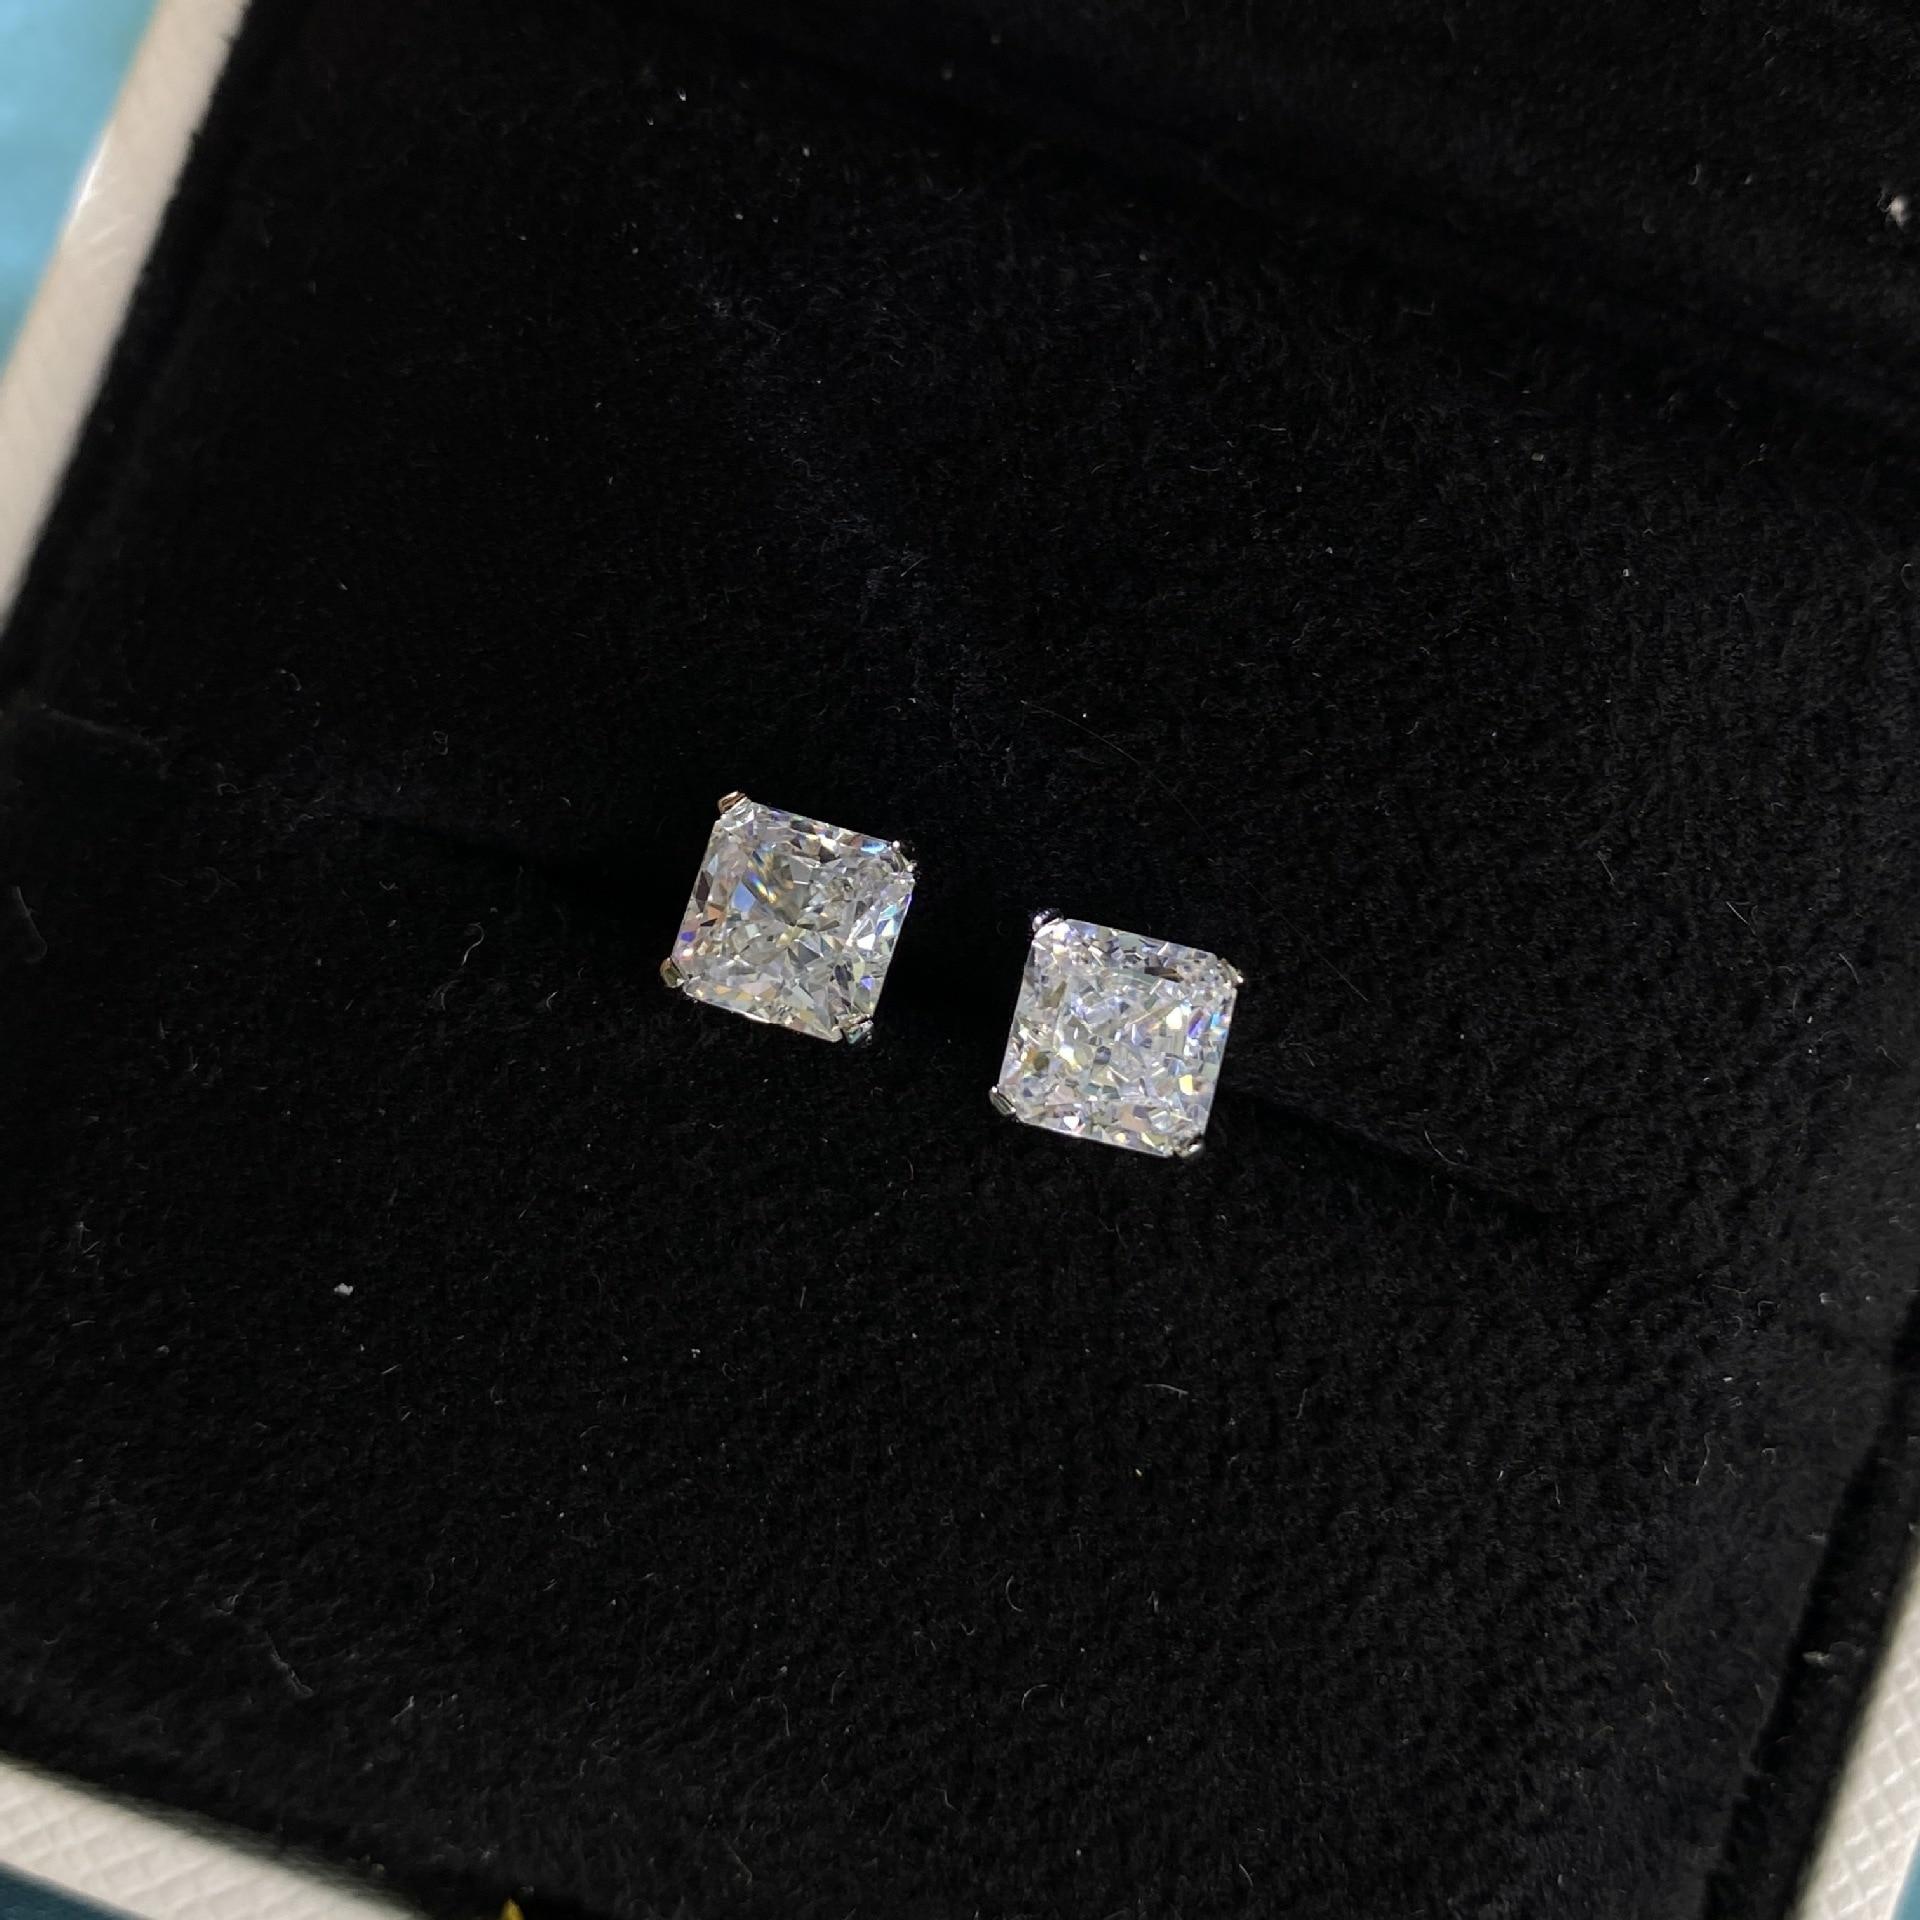 Wong Rain 925 en argent Sterling créé Moissanite diamants pierres précieuses de mariage fiançailles bijoux fins boucles d'oreilles boucles d'oreilles en gros 2